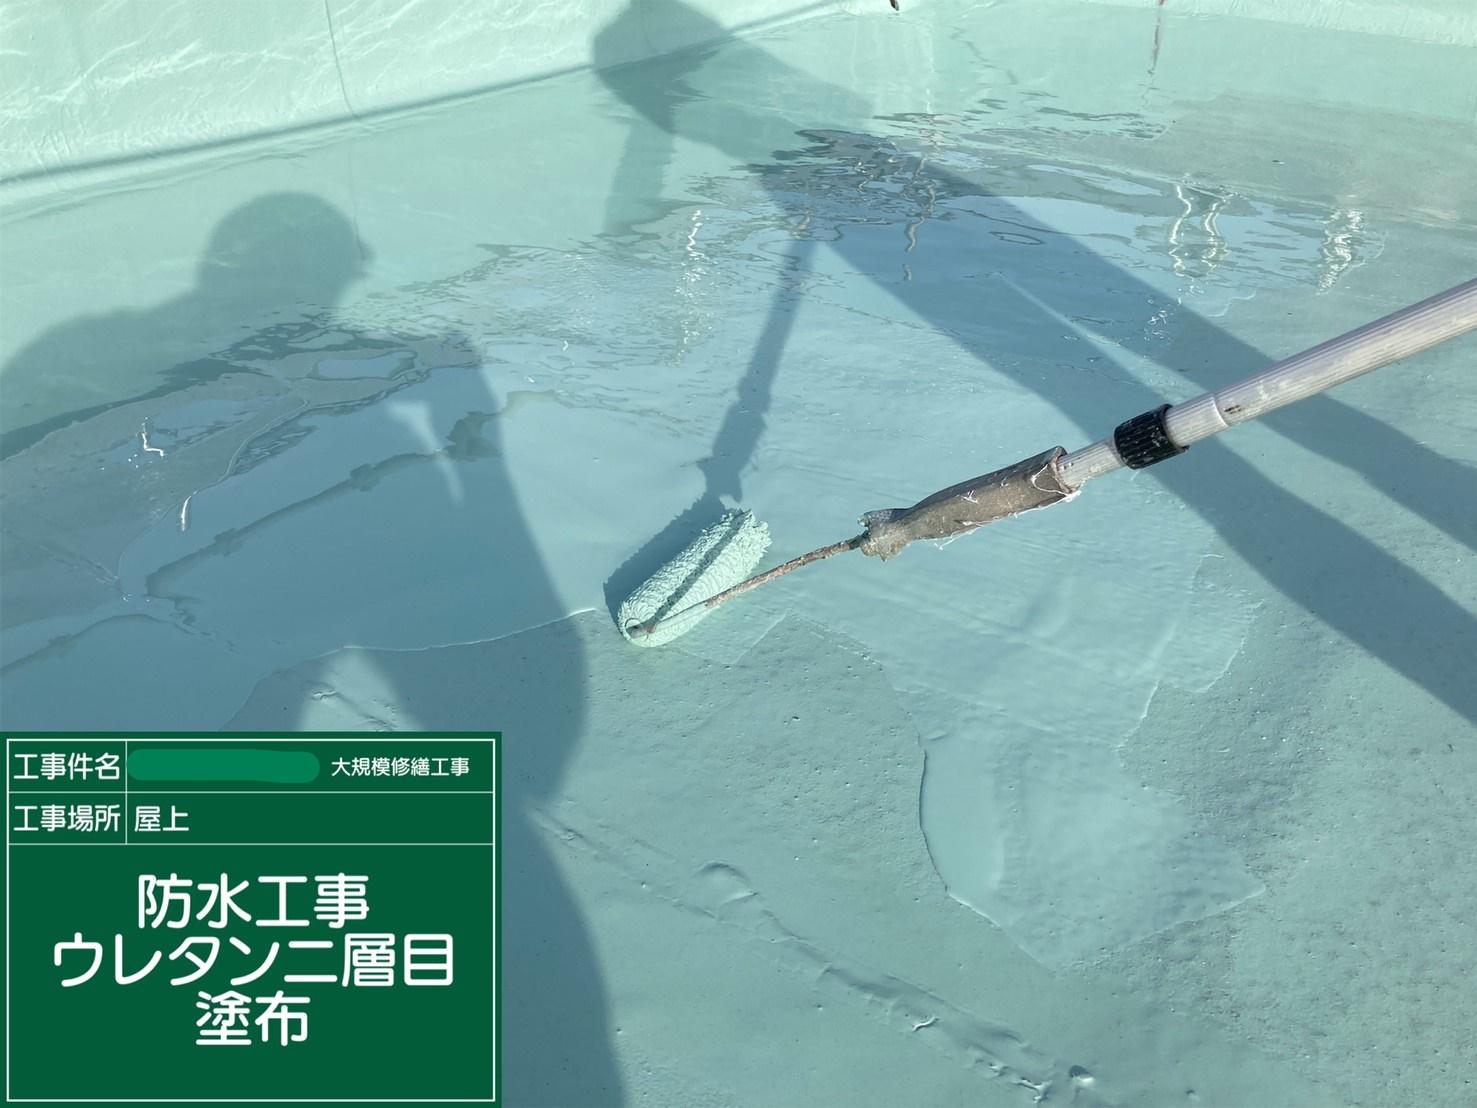 ⑫平場ウレタン2層目塗布